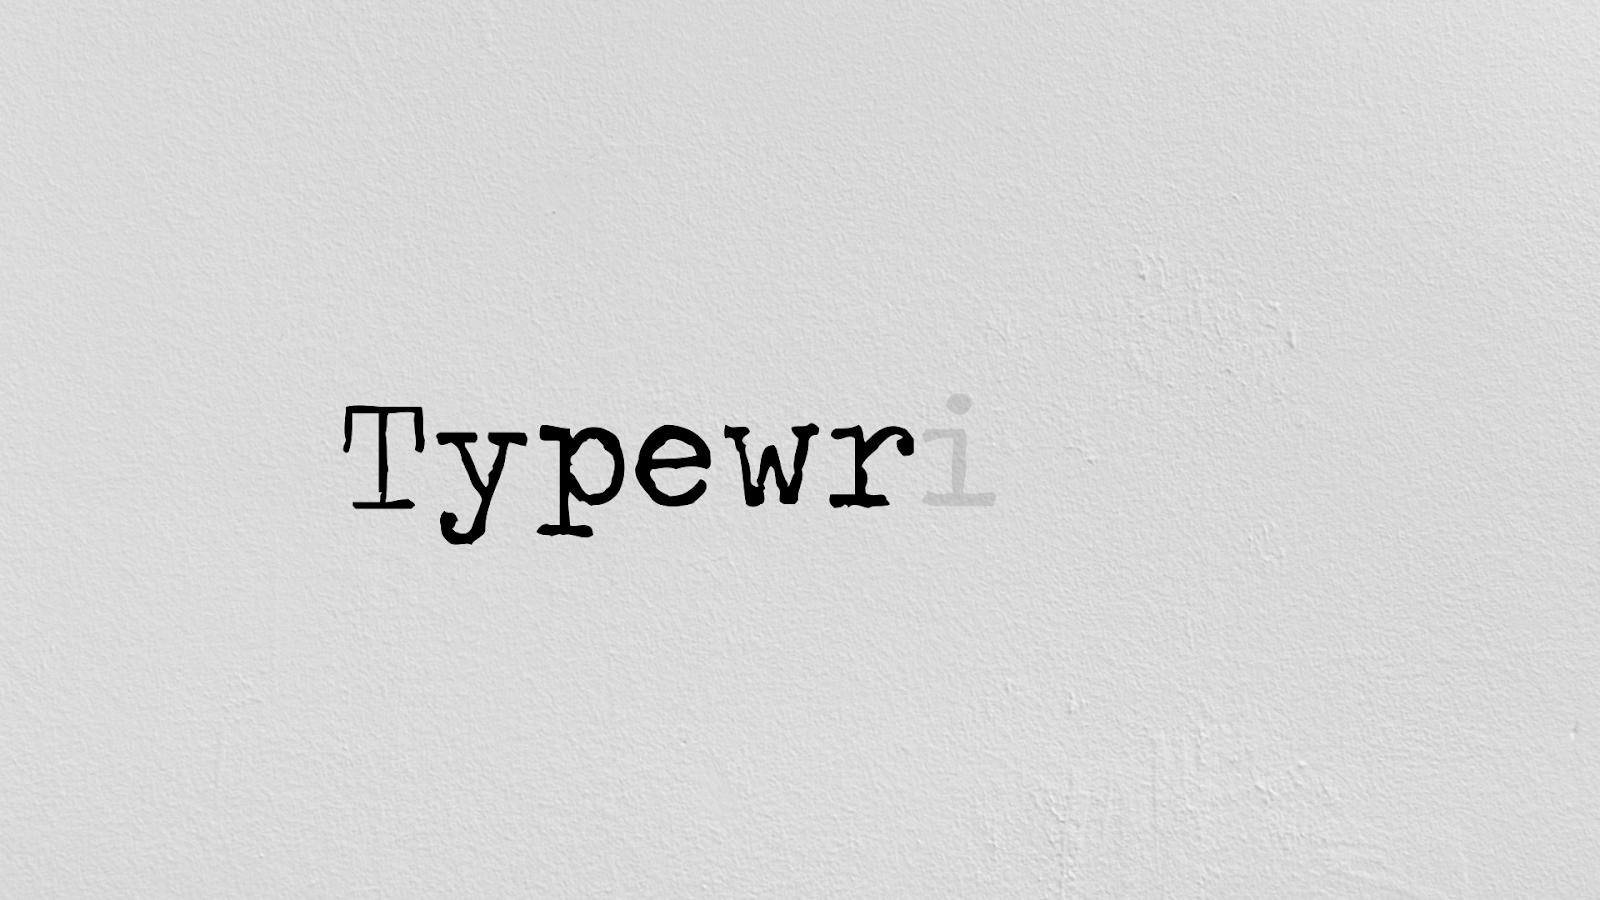 typewriter text free download